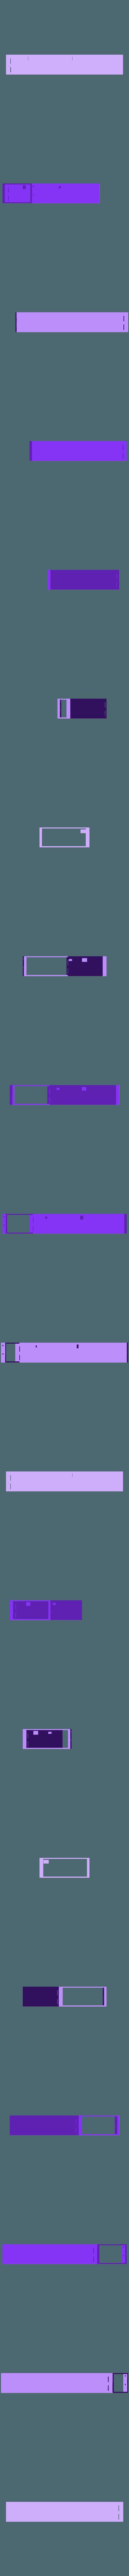 Grand_Wluff.stl Télécharger fichier STL gratuit Support d'affichage pour carte graphique (GPU) • Objet imprimable en 3D, tylerebowers